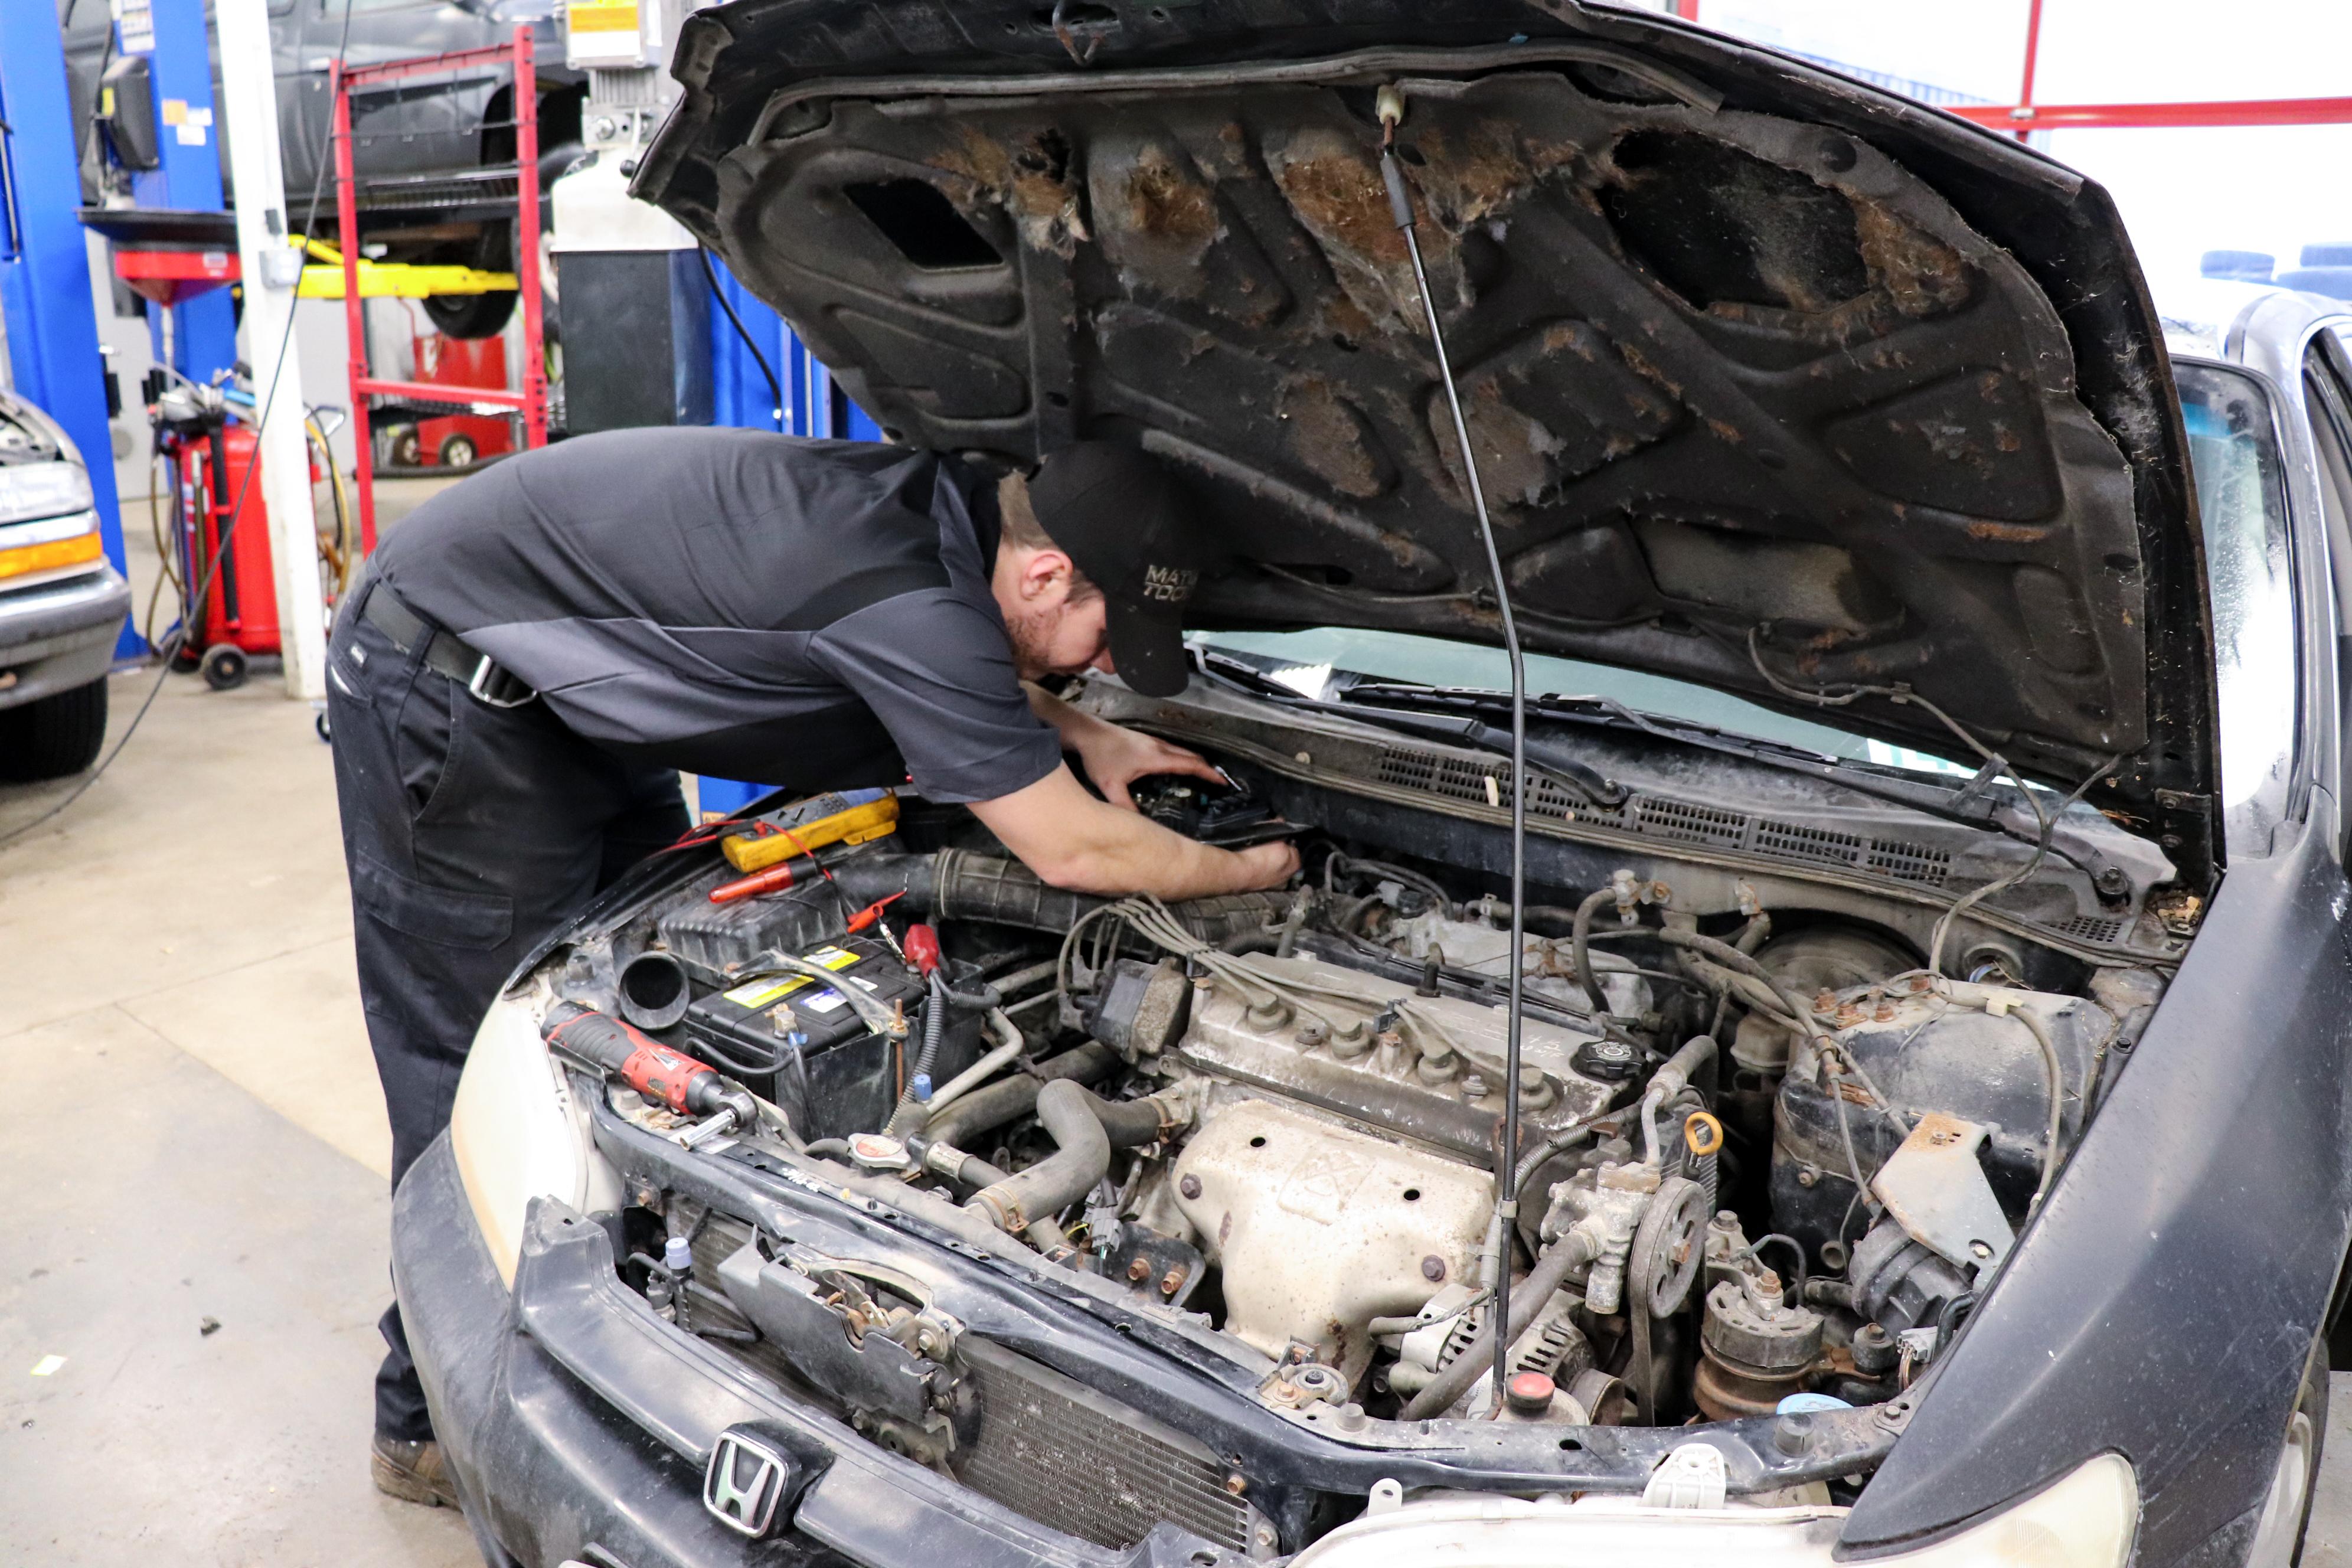 Officina riparazioni auto a prezzi accessibili